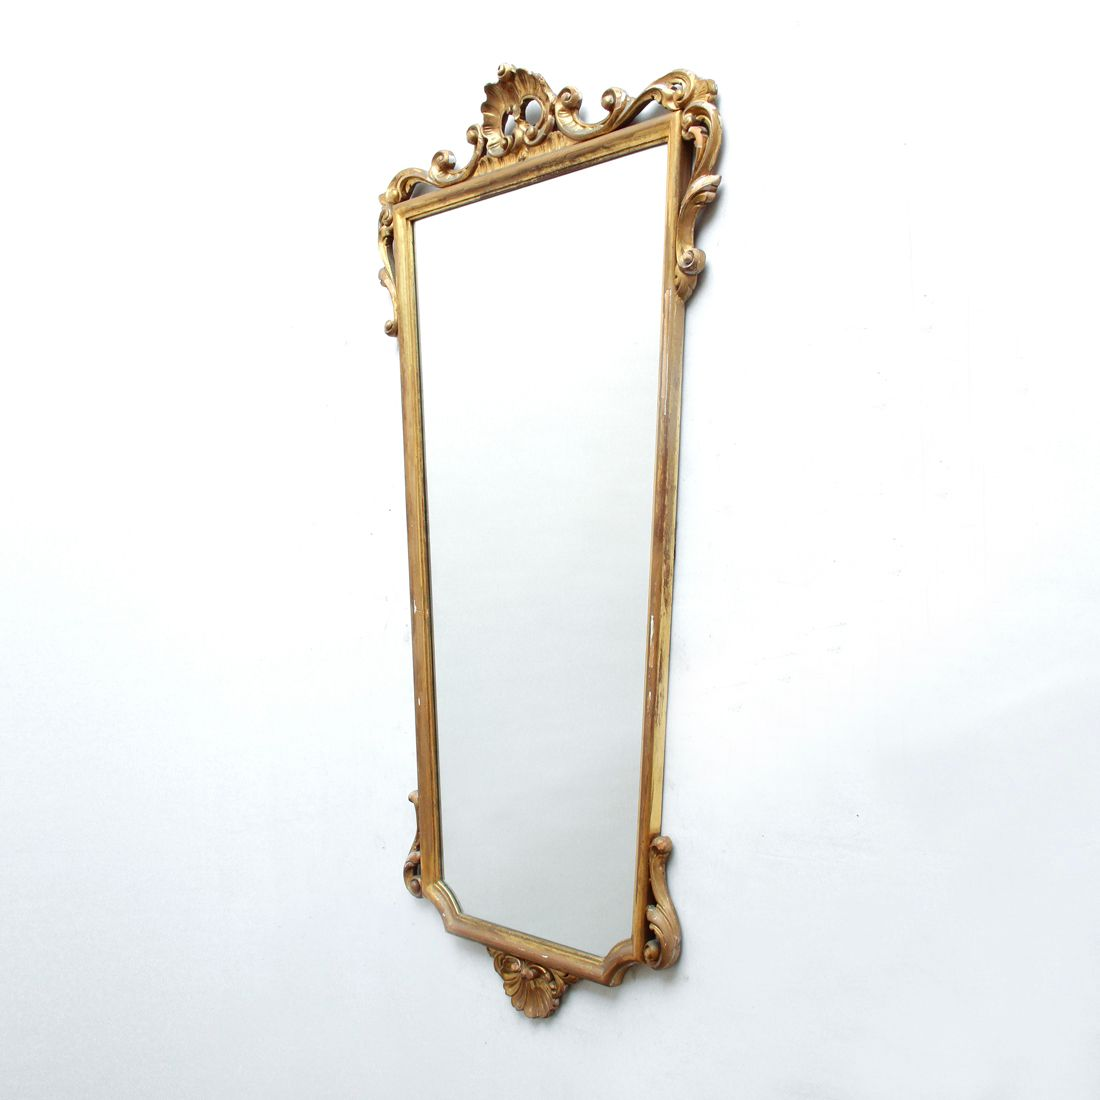 Grand miroir avec cadre dor italie 1940s en vente sur for Grand miroir sans cadre